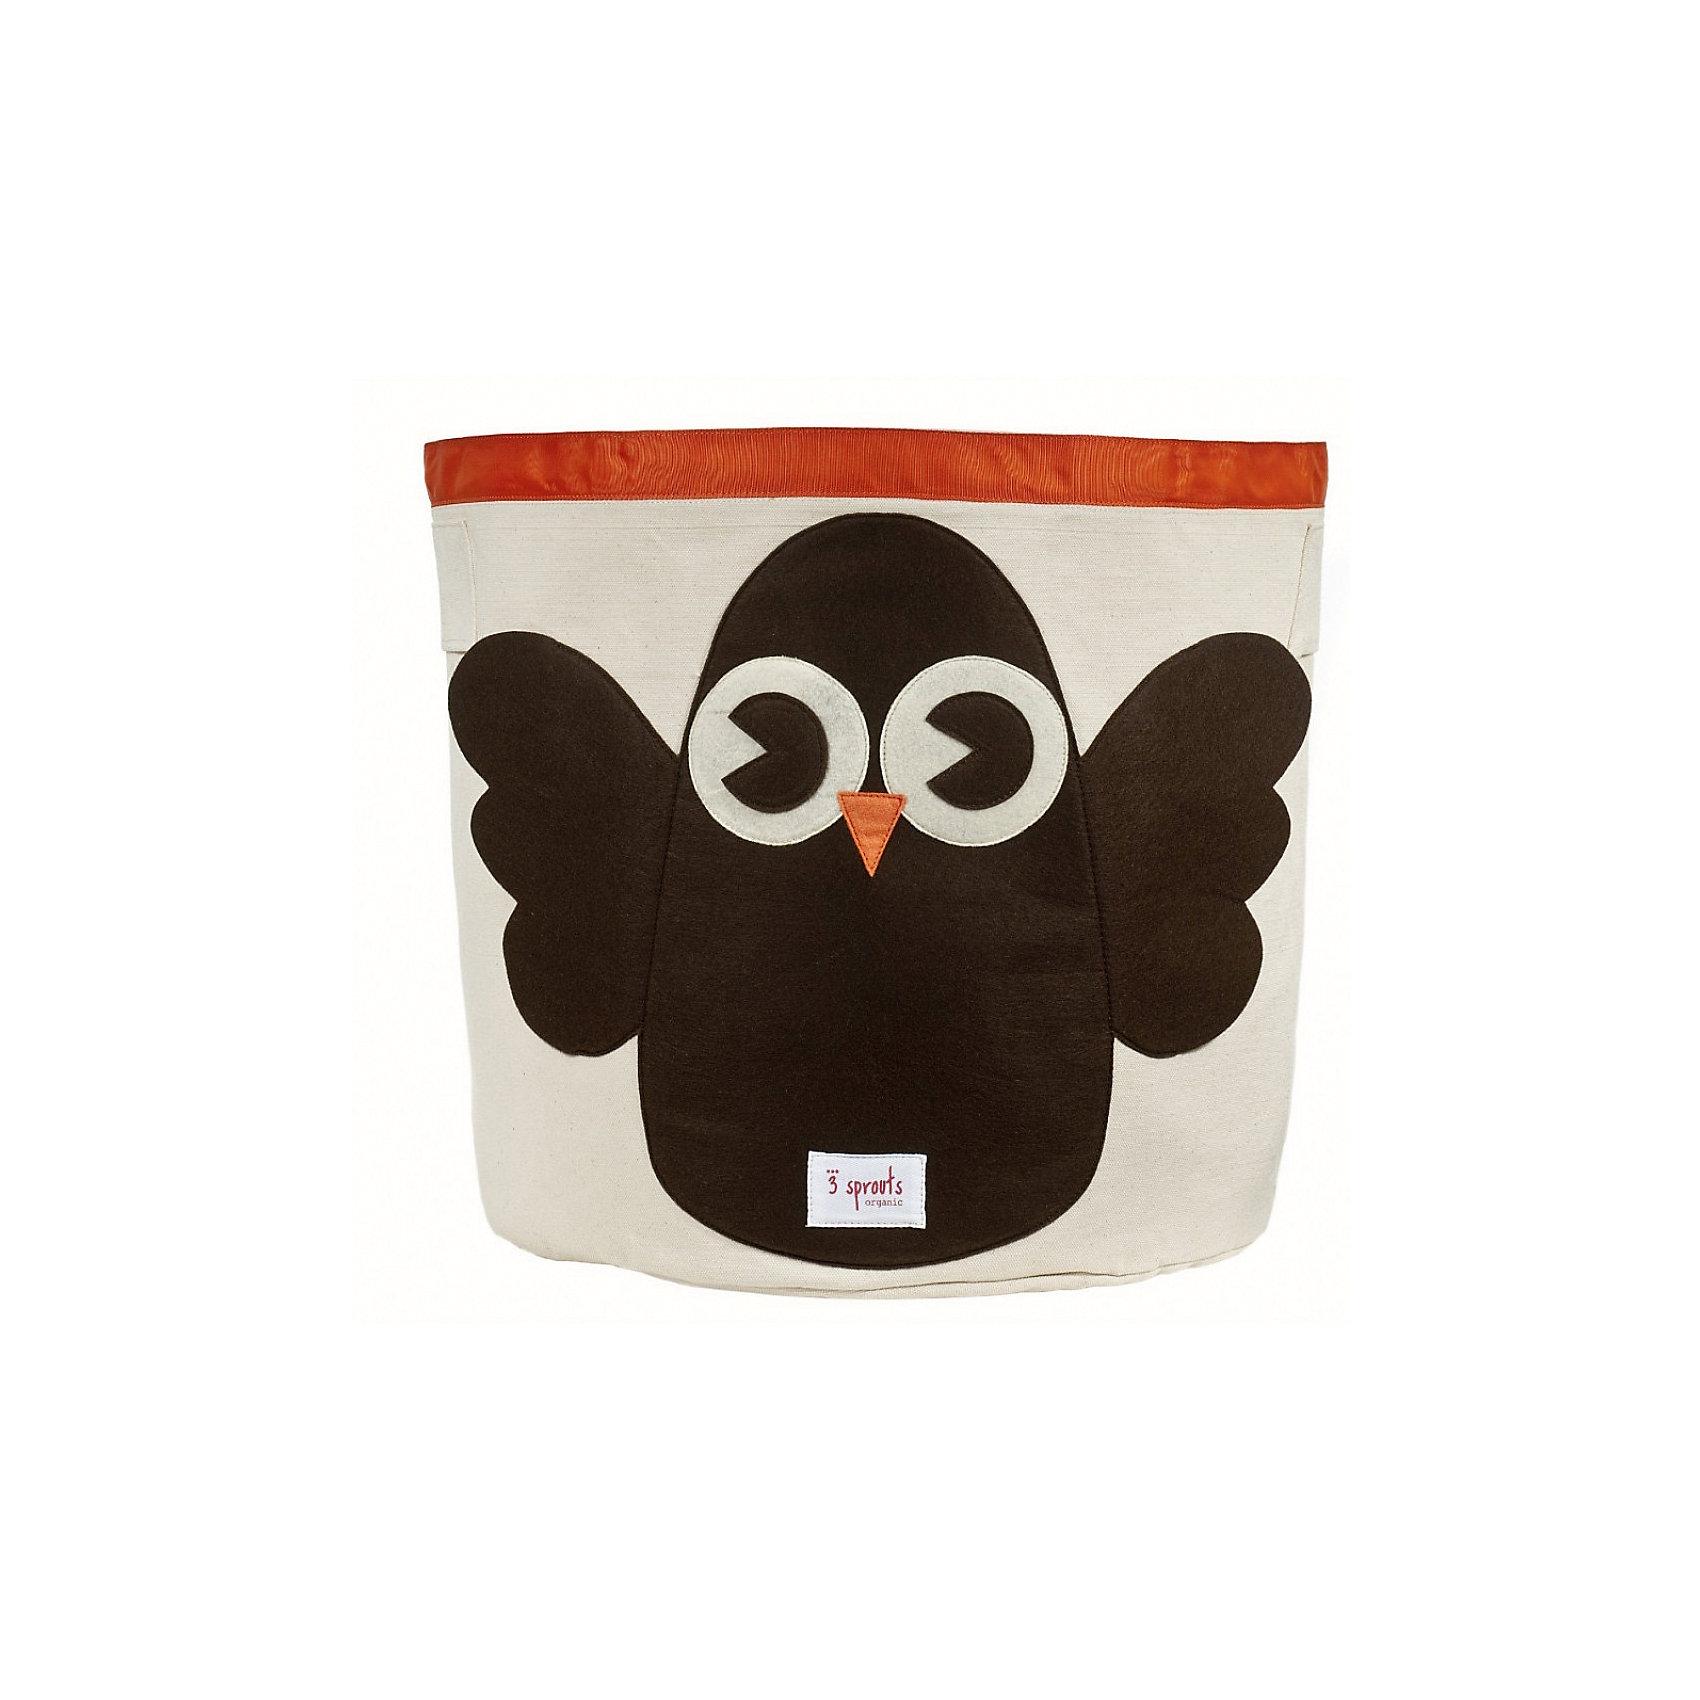 Корзина для хранения Сова (Brown Owl), 3 SproutsПорядок в детской<br>Такие милые корзины помогут Вам навести порядок в детской. Размер корзины позволяет хранить в ней игрушки или белье.  <br><br>Дополнительная информация:<br><br>- Размер полотенца: 44.5х43 см.<br>- Материал: <br>100% хлопковый брезент.<br>100% полиэстровая фетровая аппликация.<br>100% полиэтиленовое покрытие (внутри).<br><br>Купить корзину для хранения Сова (Brown Owl), можно в нашем магазине.<br><br>Ширина мм: 250<br>Глубина мм: 20<br>Высота мм: 450<br>Вес г: 526<br>Возраст от месяцев: 6<br>Возраст до месяцев: 84<br>Пол: Унисекс<br>Возраст: Детский<br>SKU: 5098209